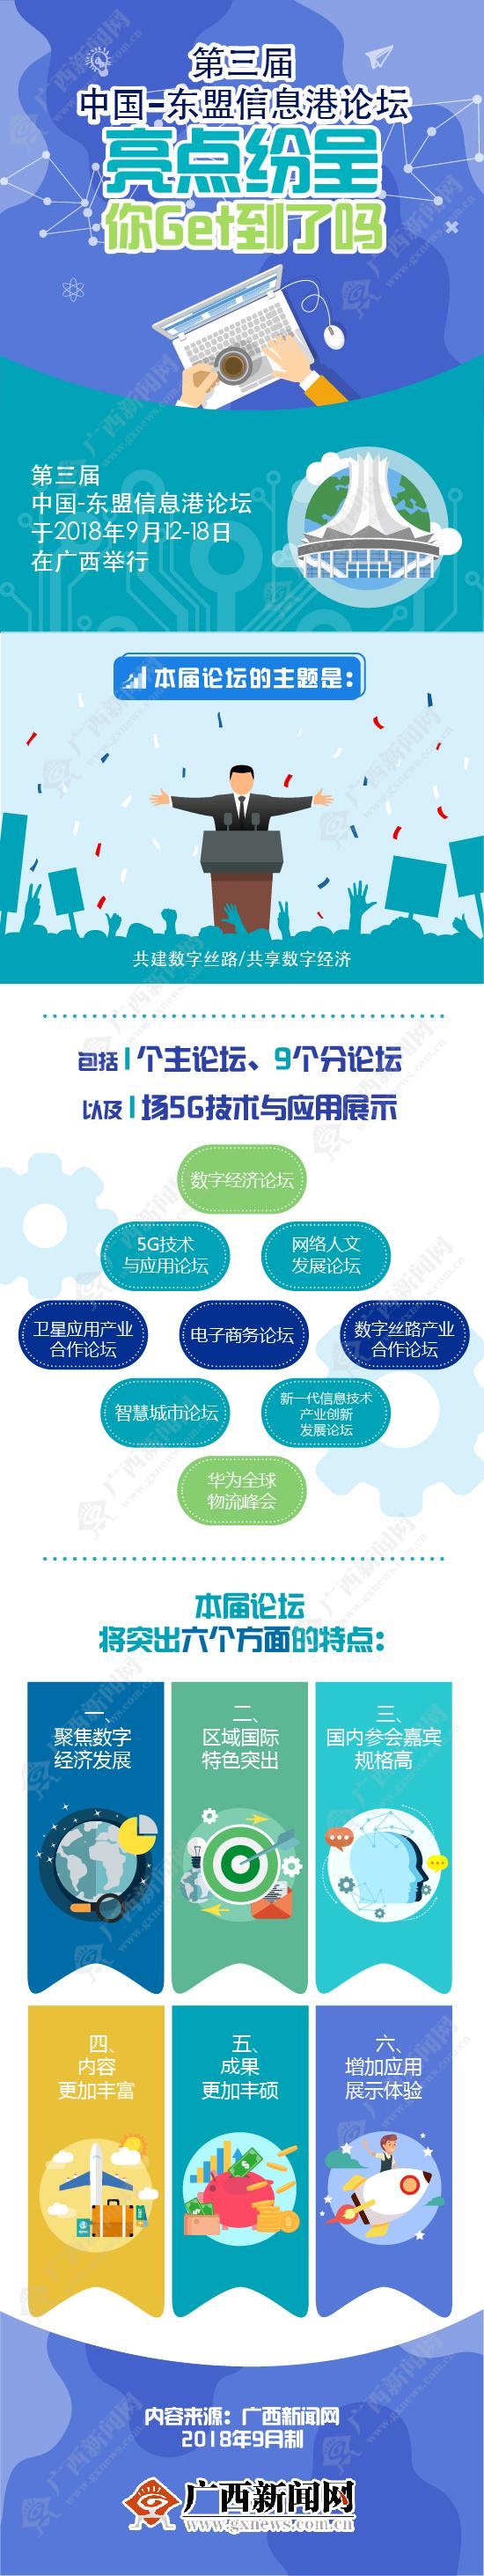 图解丨第三届中国-东盟信息港论坛亮点纷呈